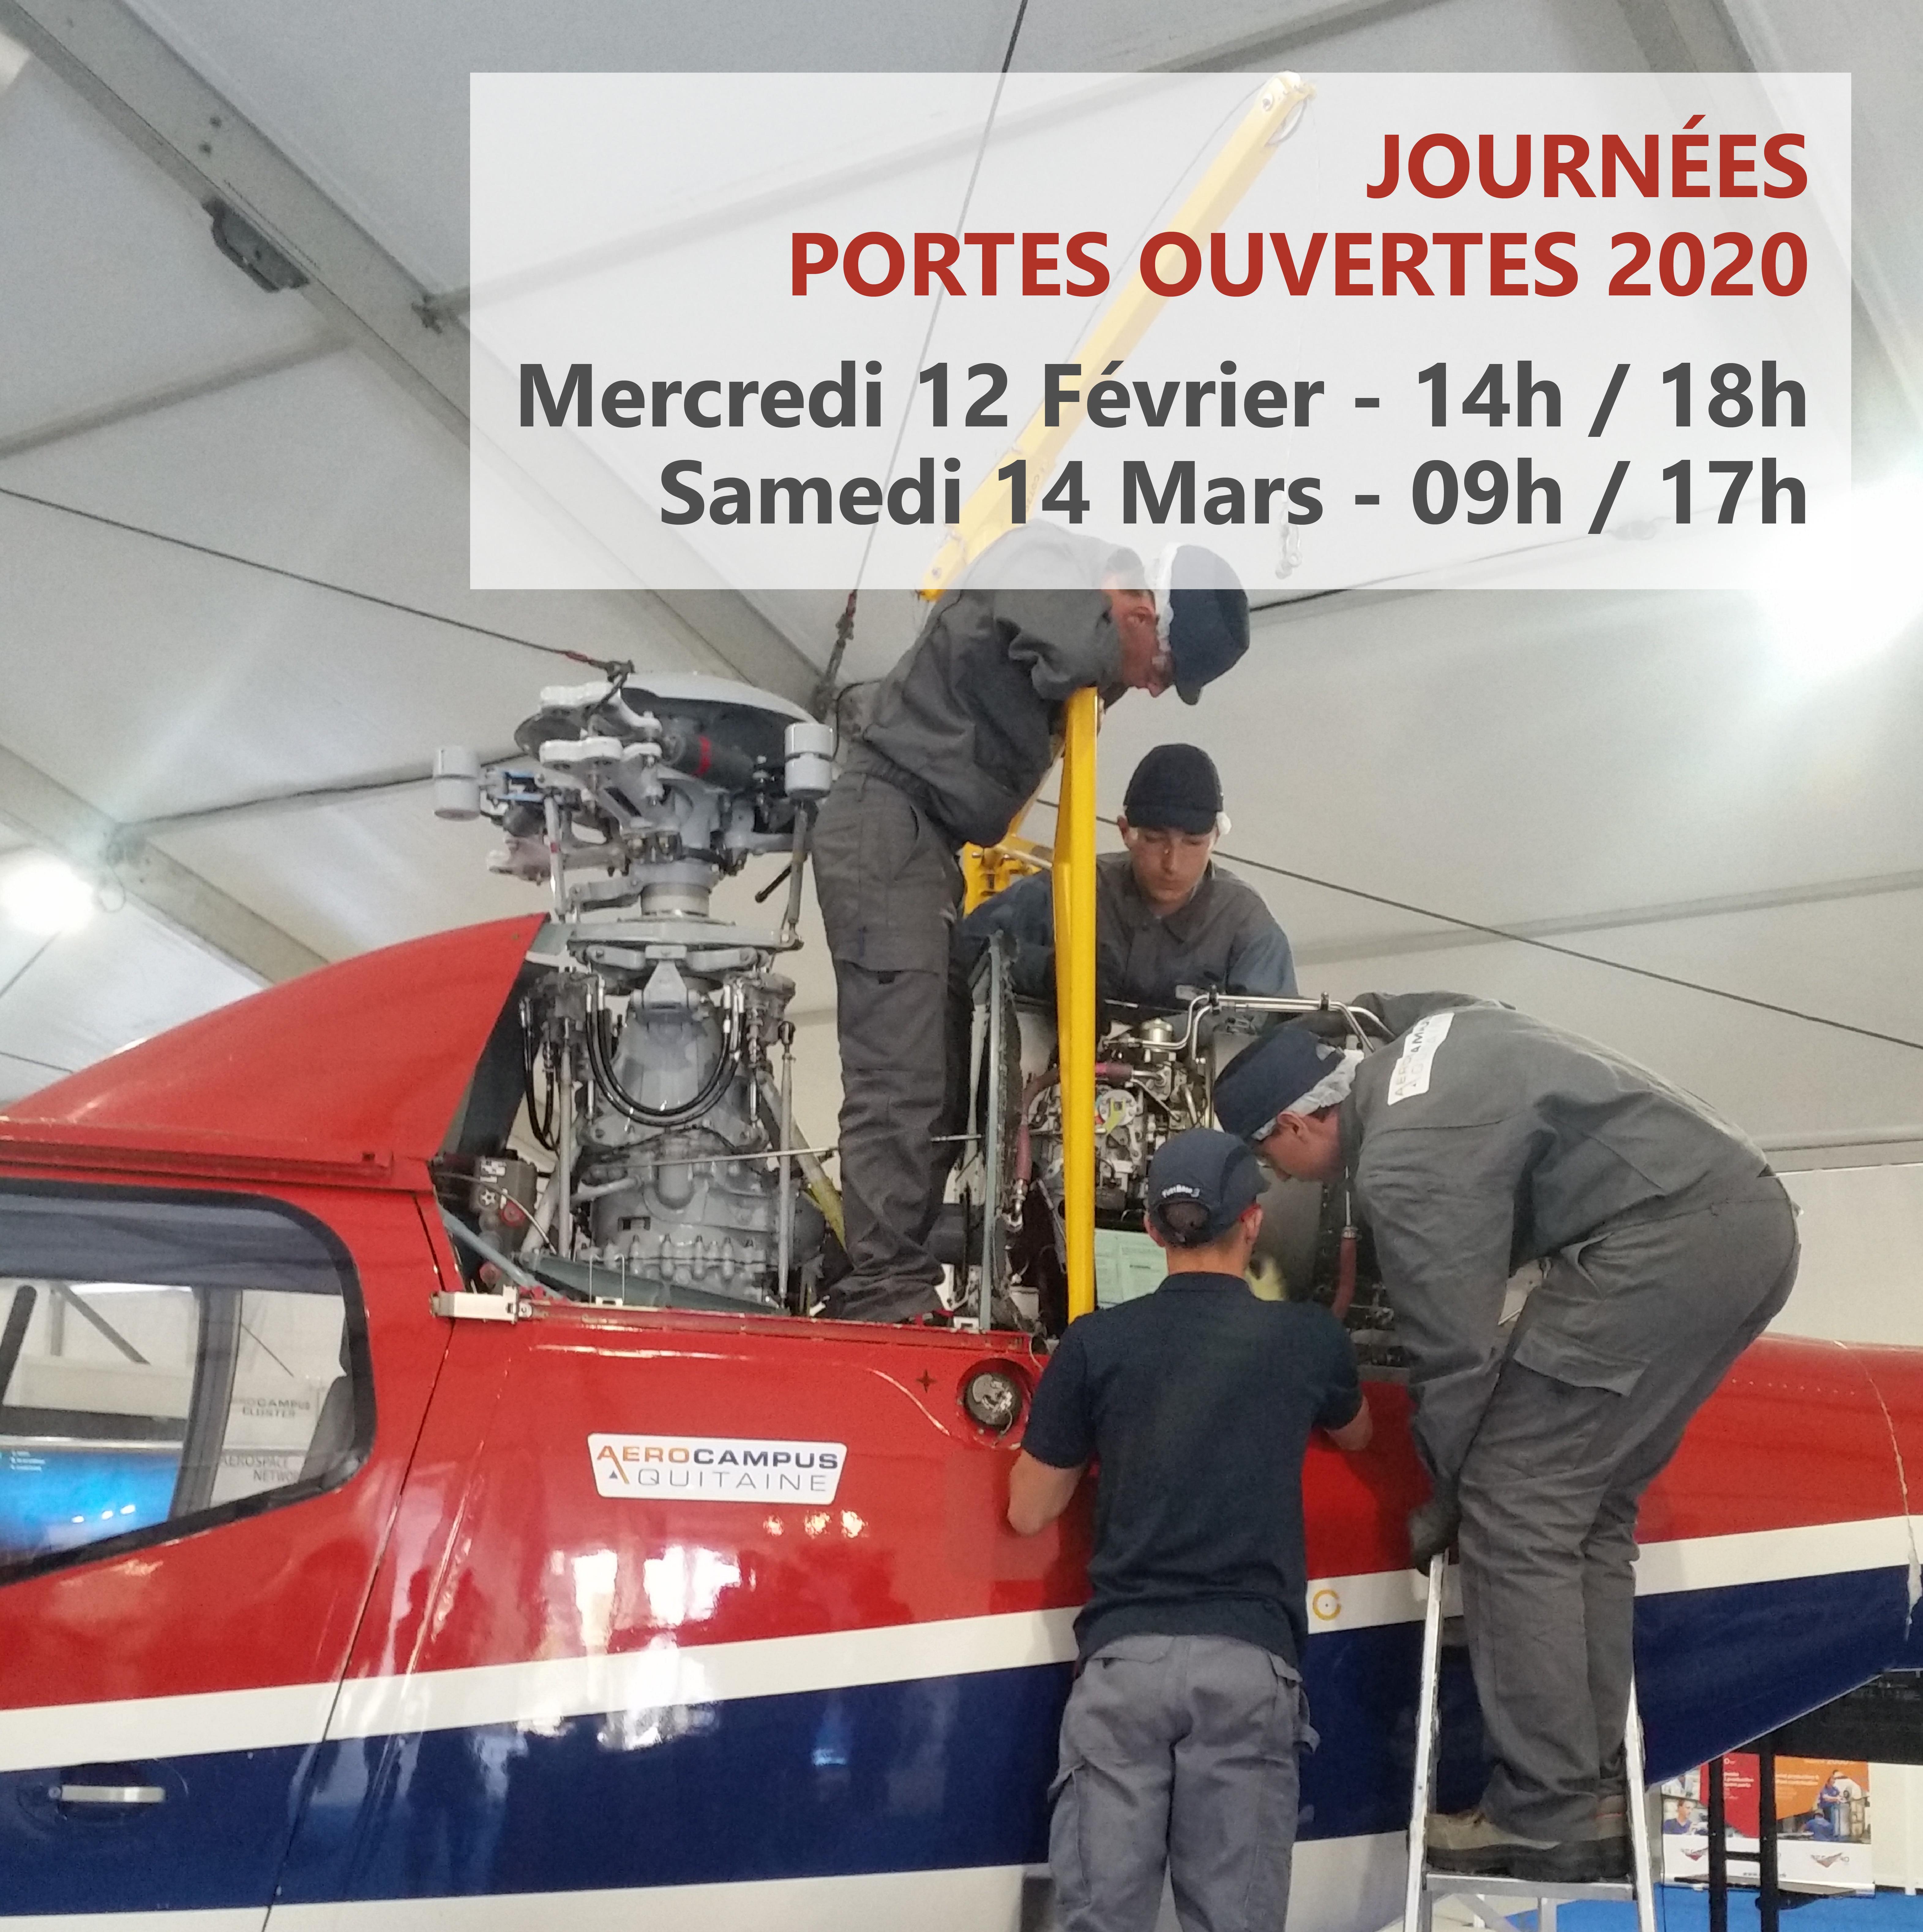 Journées Portes Ouvertes 2020 – AEROCAMPUS Aquitaine